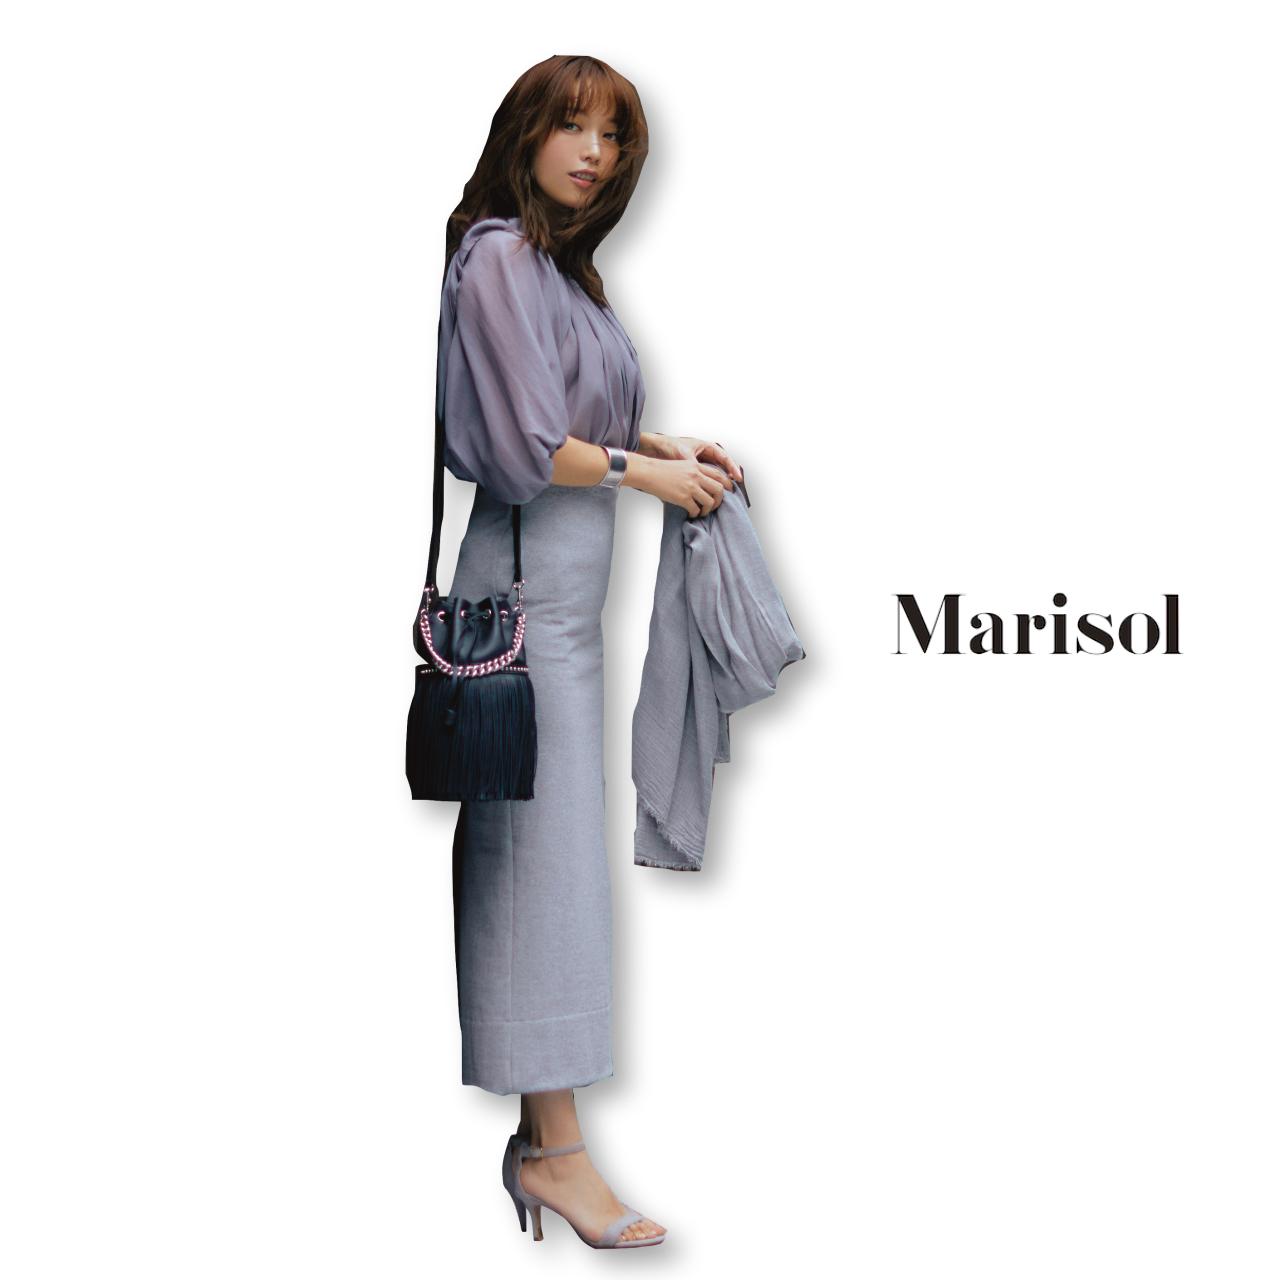 40代ファッション グレーブラウス×グレータイトスカートコーデ